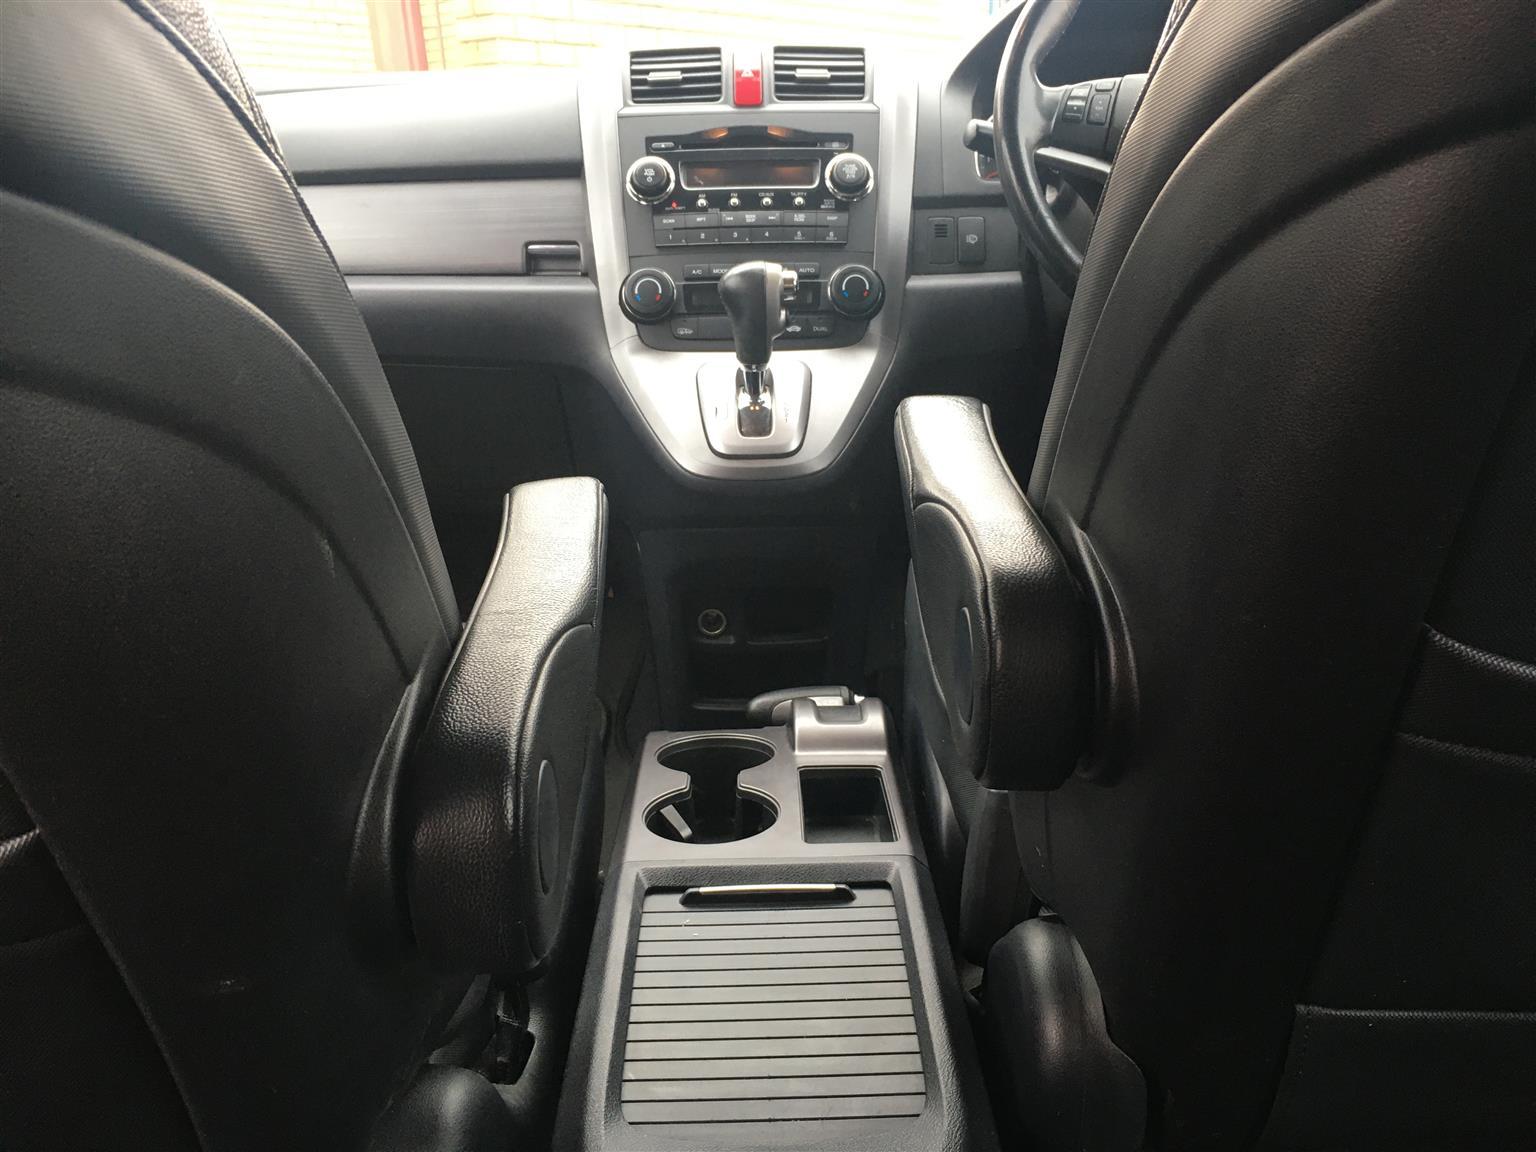 2008 Honda CR-V 2.0 RVSi automatic